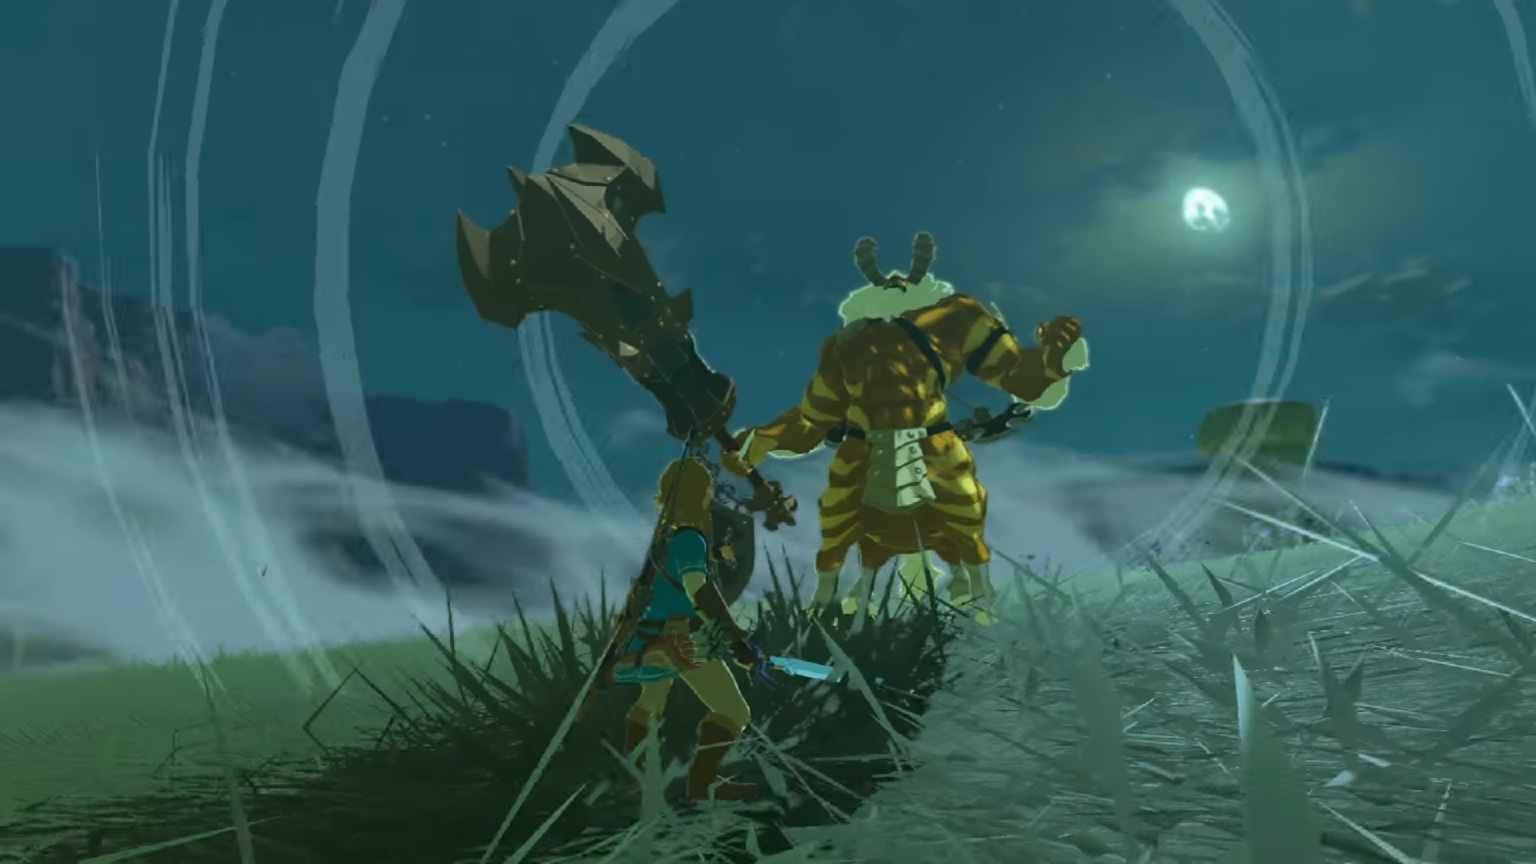 ゼルダの伝説 ブレス オブ ザ ワイルド 試練の覇者